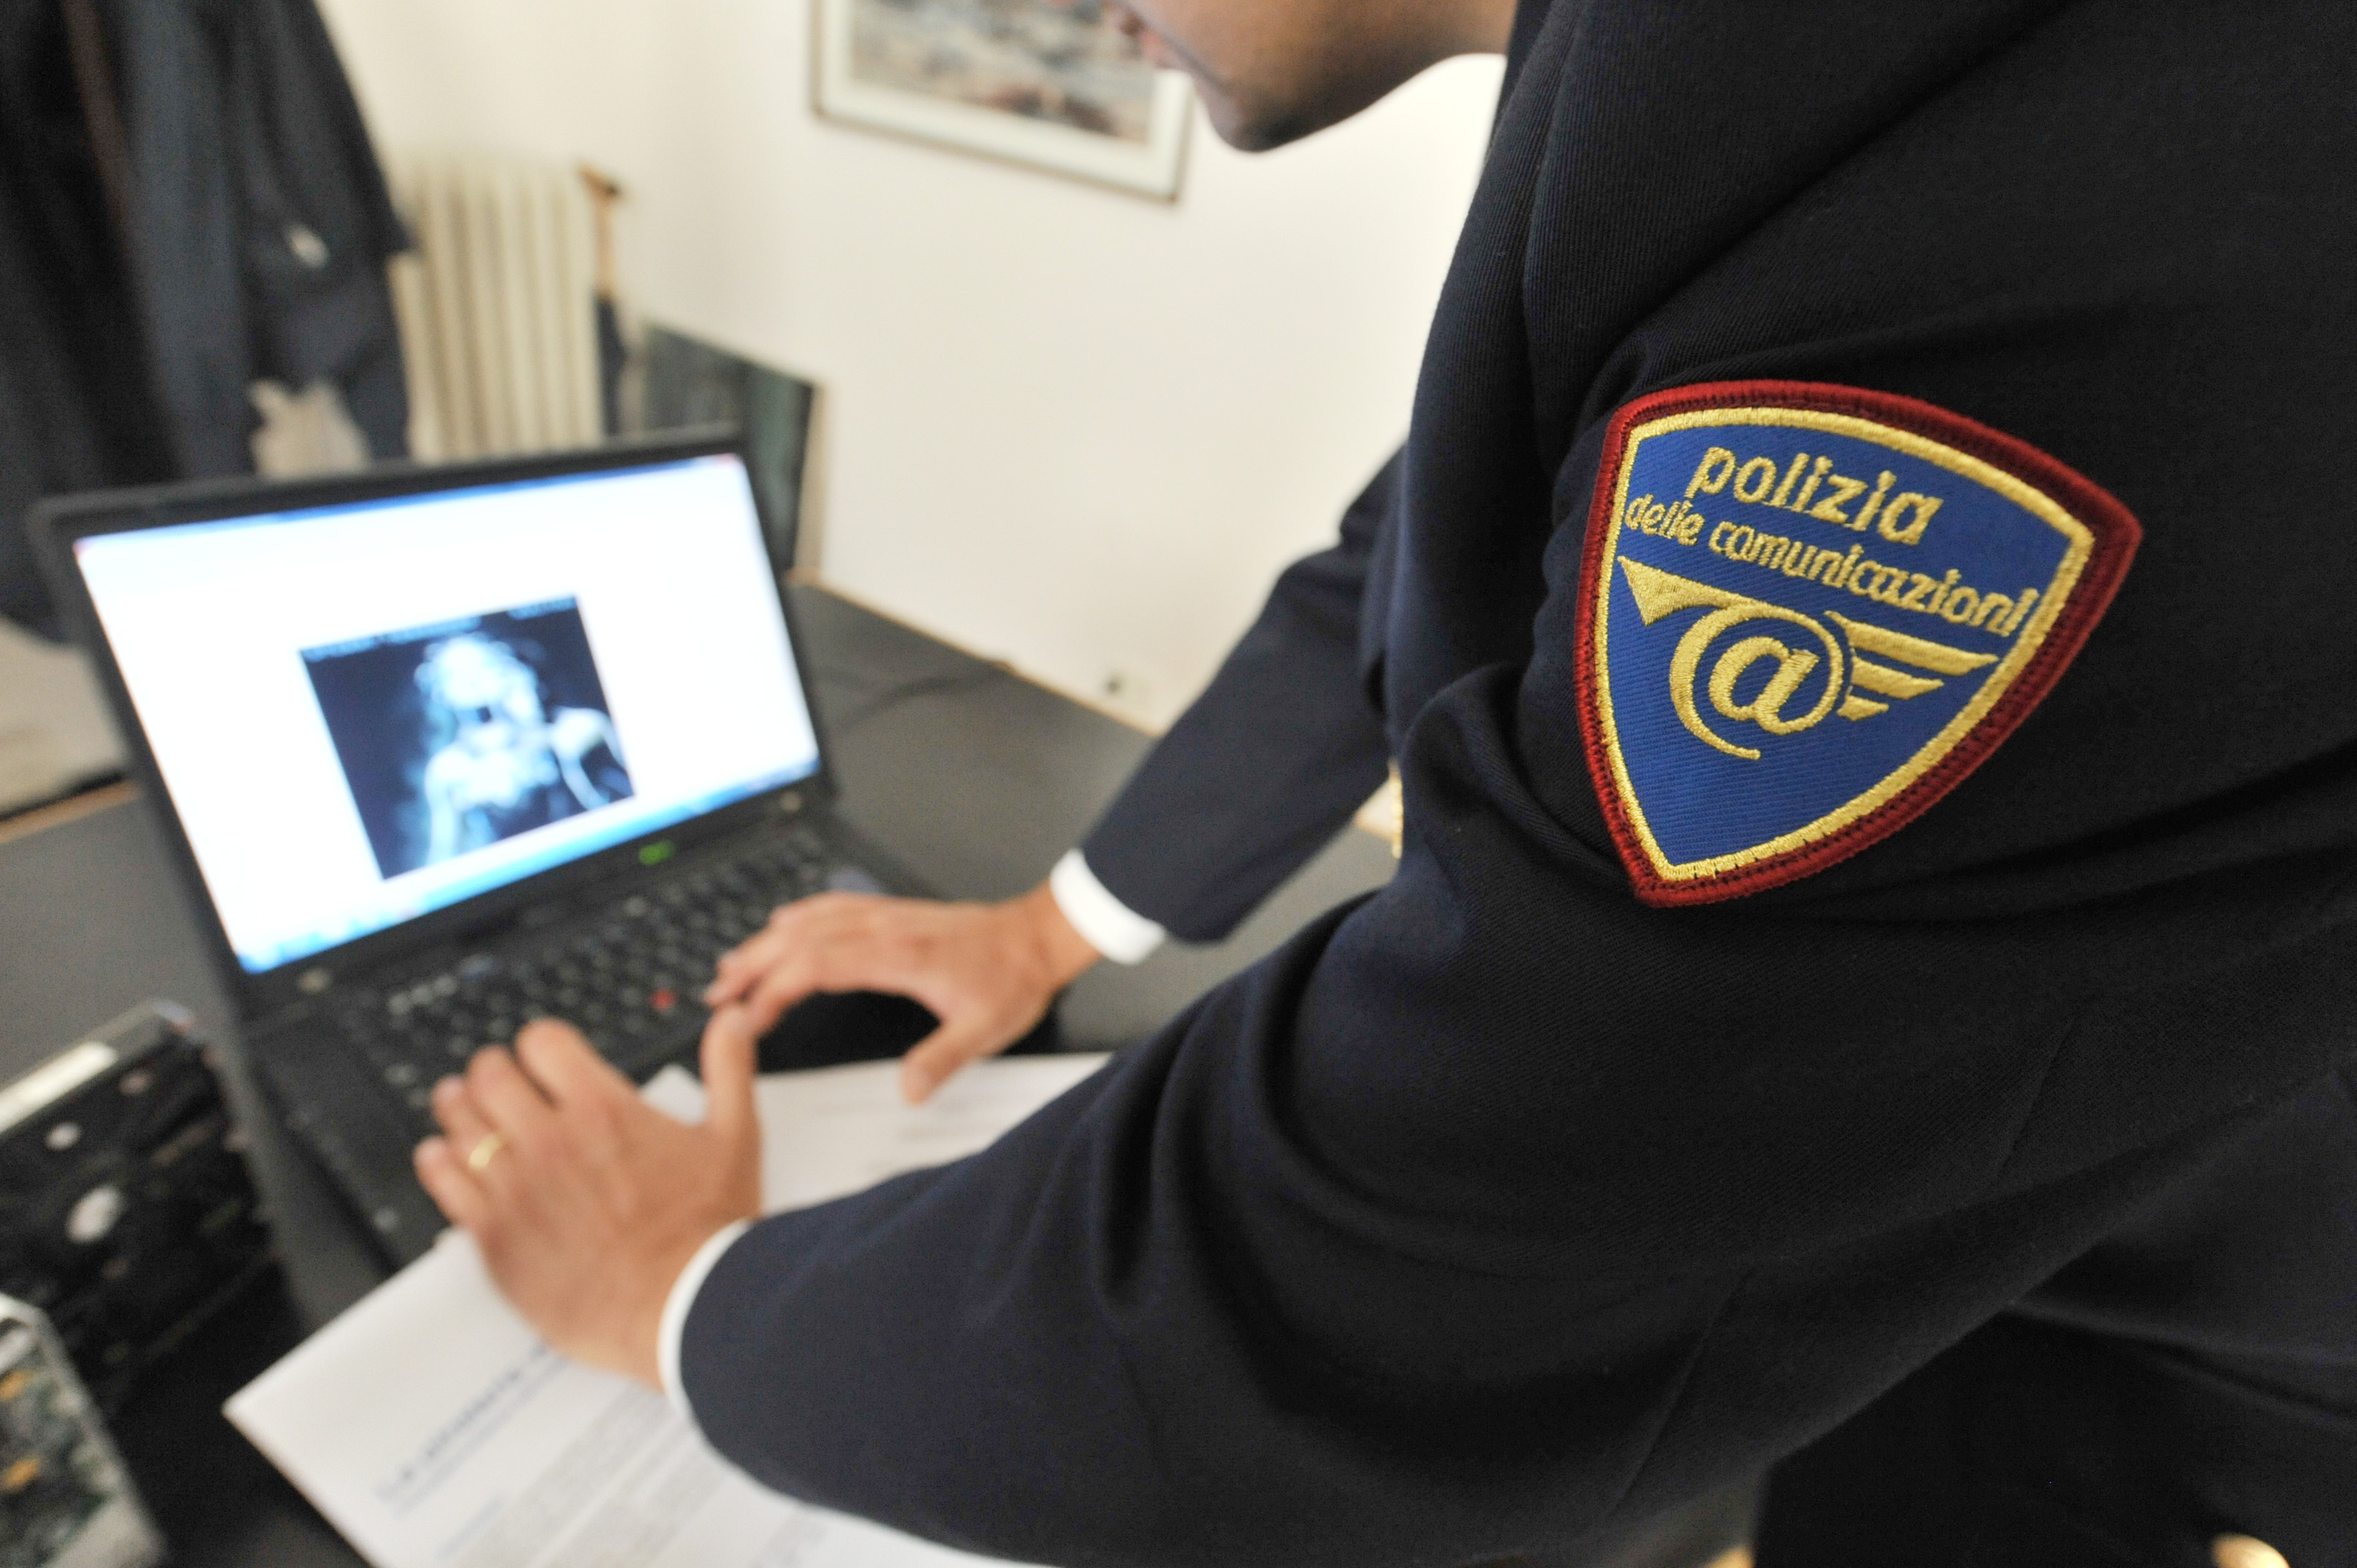 Risultati immagini per polizia postale